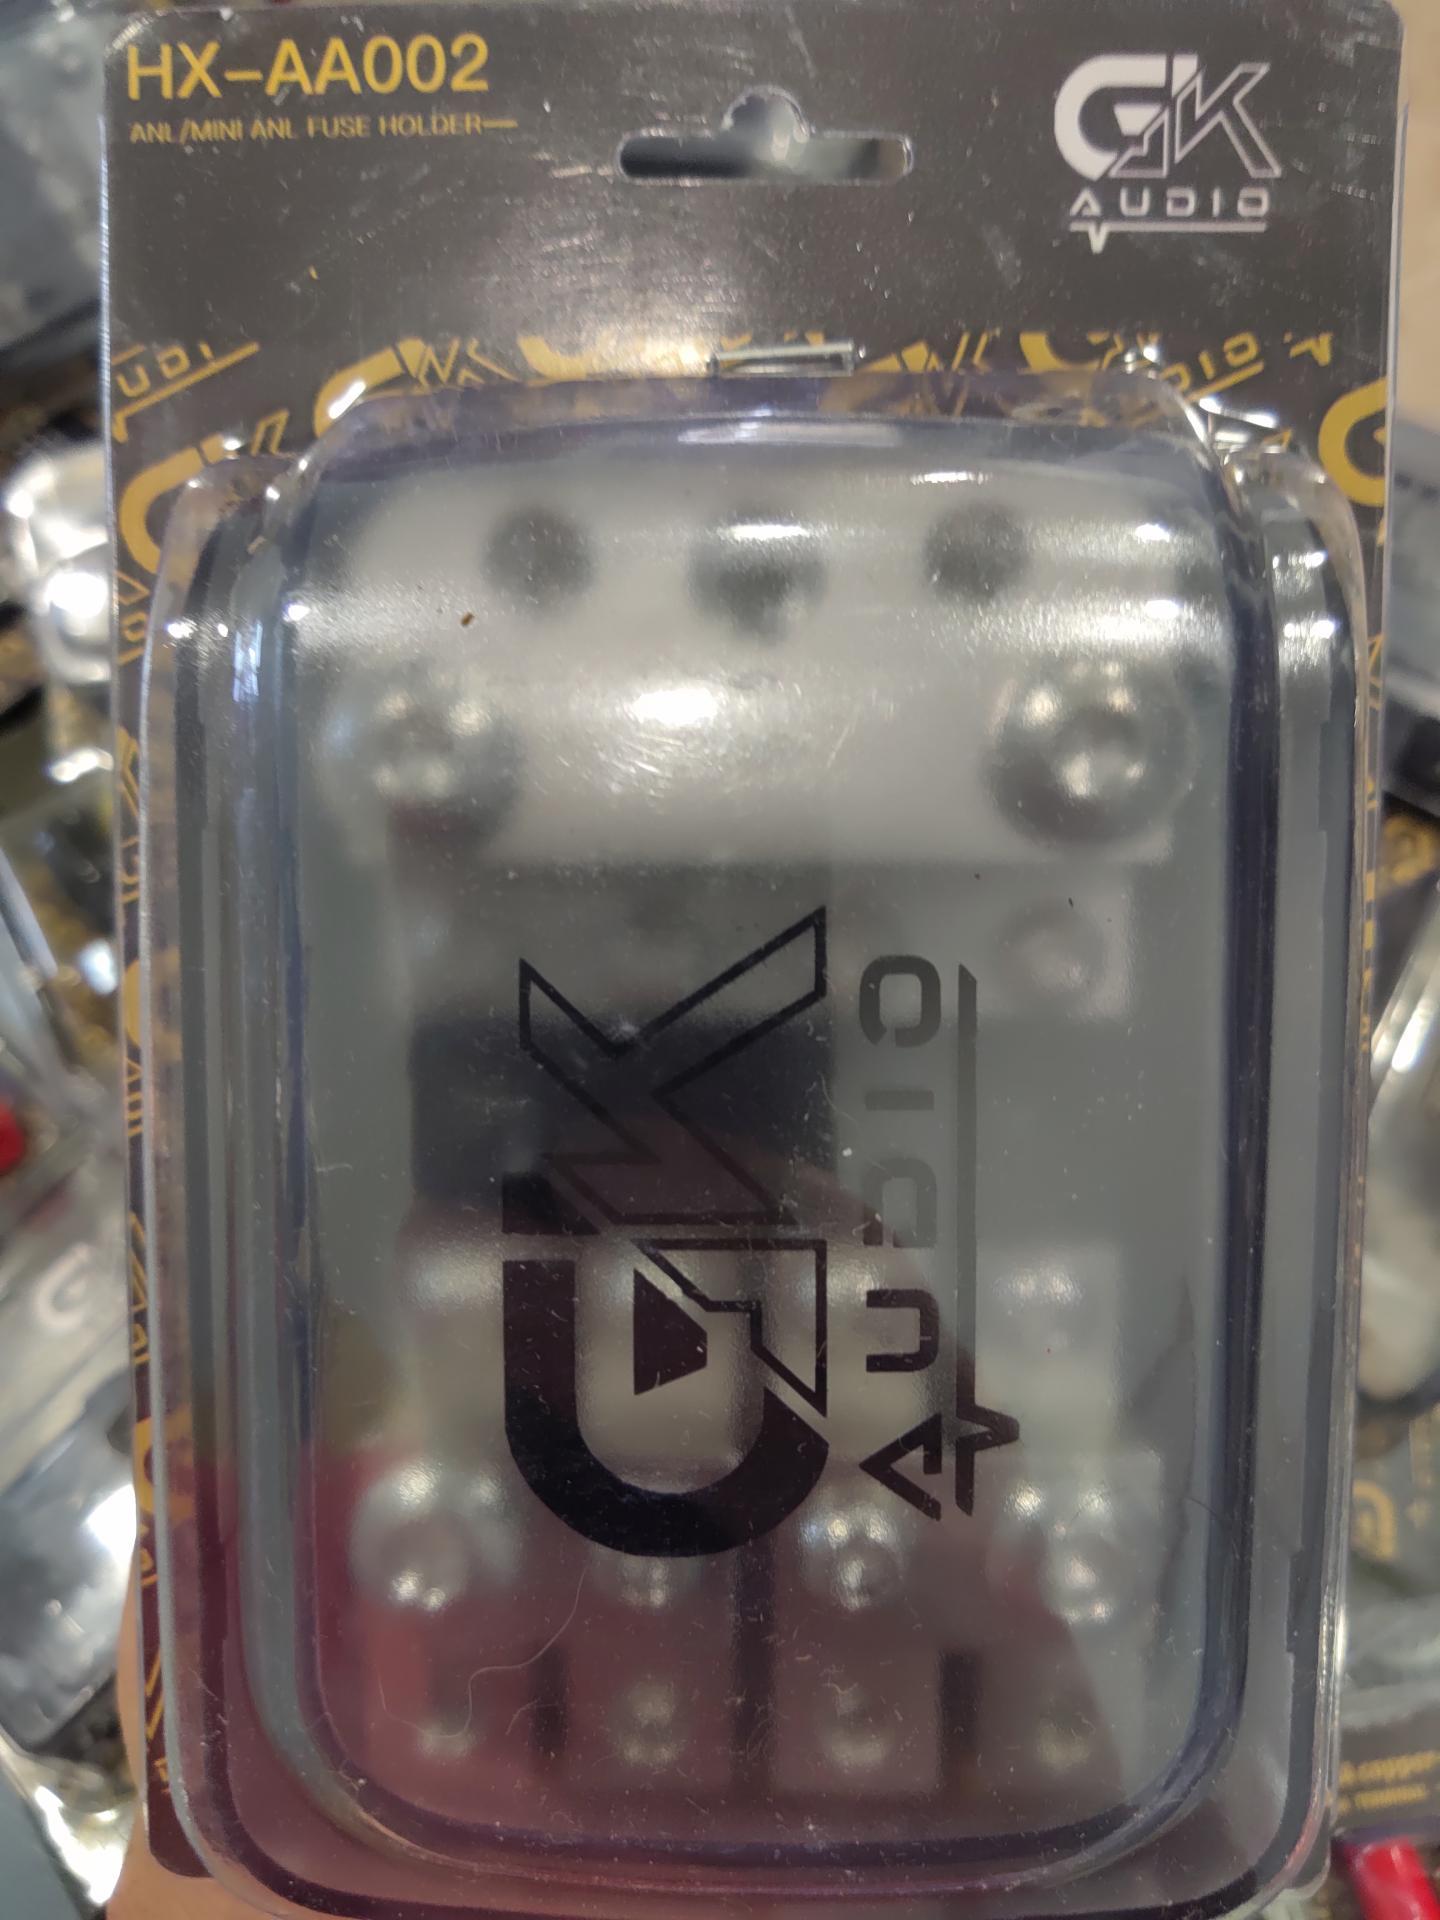 Distribuidor 4 salidas con fus Gk Audio